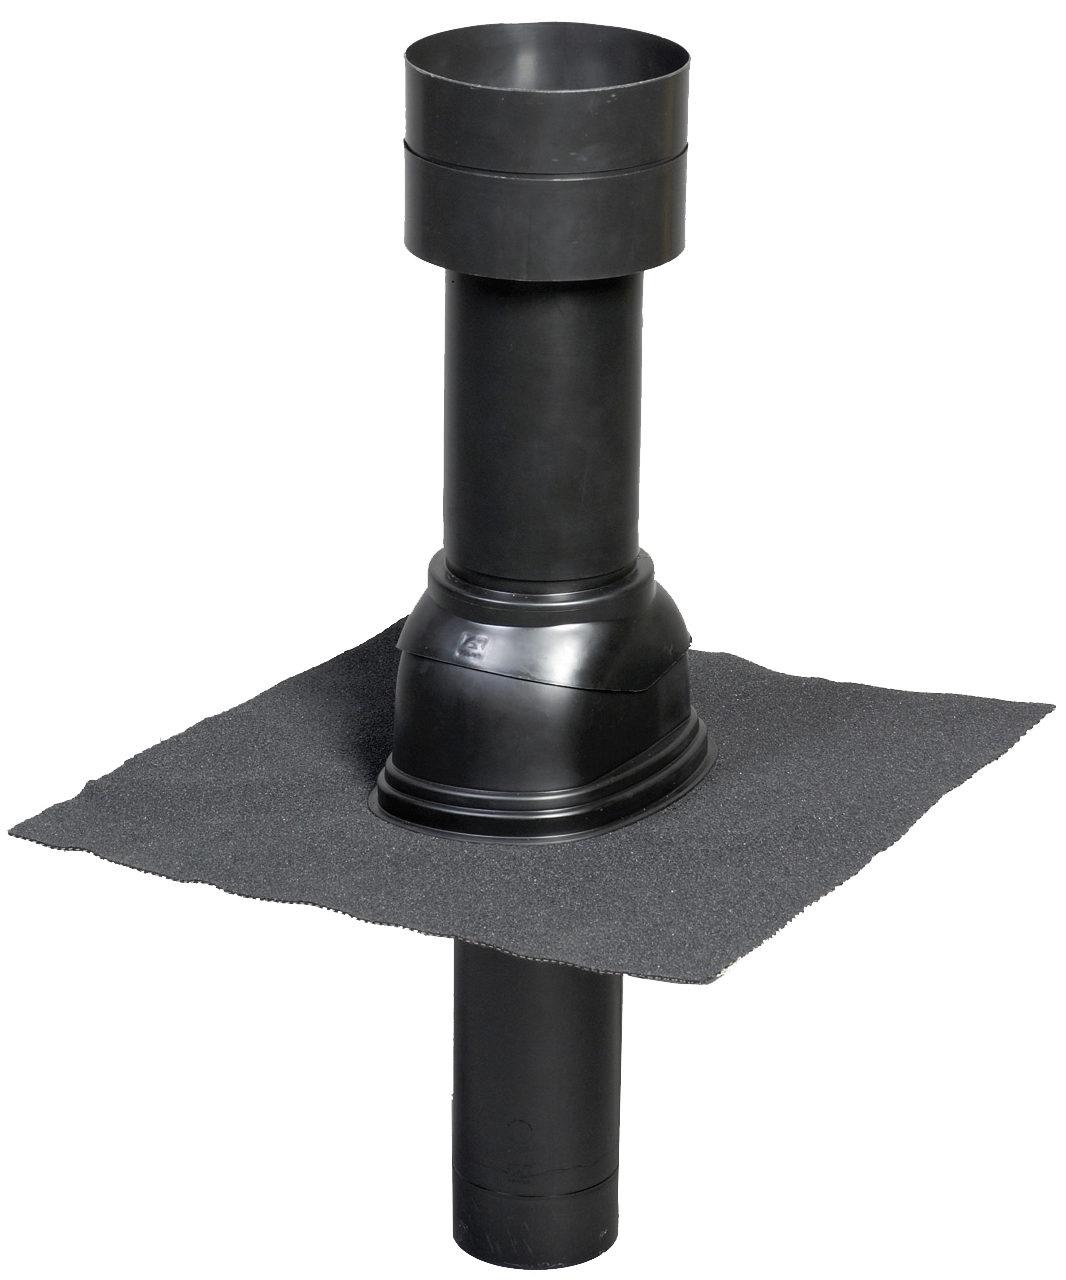 Carrelage design wendel carrelage moderne design pour for Carrelage wendel